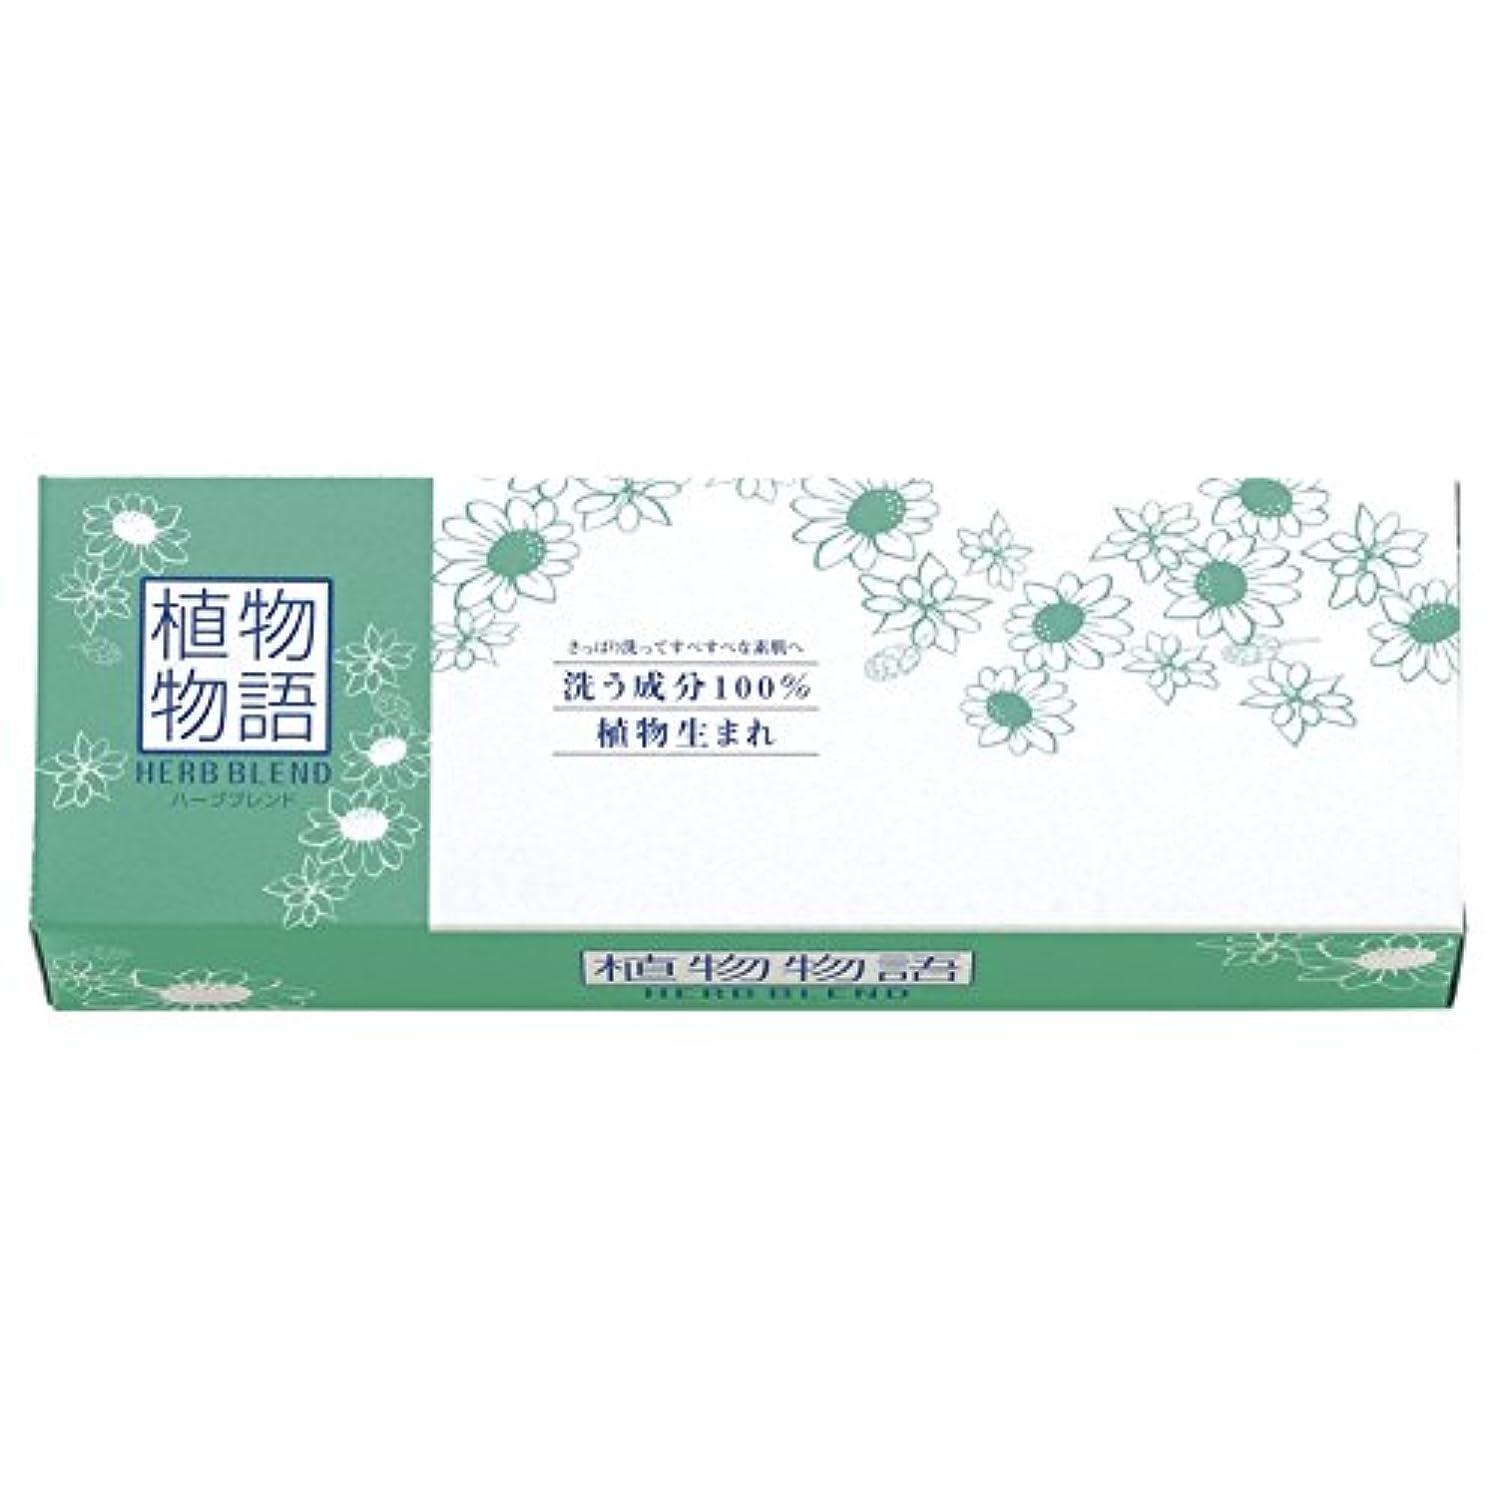 フリース羽メガロポリスライオン 植物物語ハーブブレンド化粧石鹸2個箱 KST802 【粗品 天然素材 ハーブ 2個 固形石鹸 からだ用 ハーブ 優しい お風呂 こども やさしい 石けん せっけん】